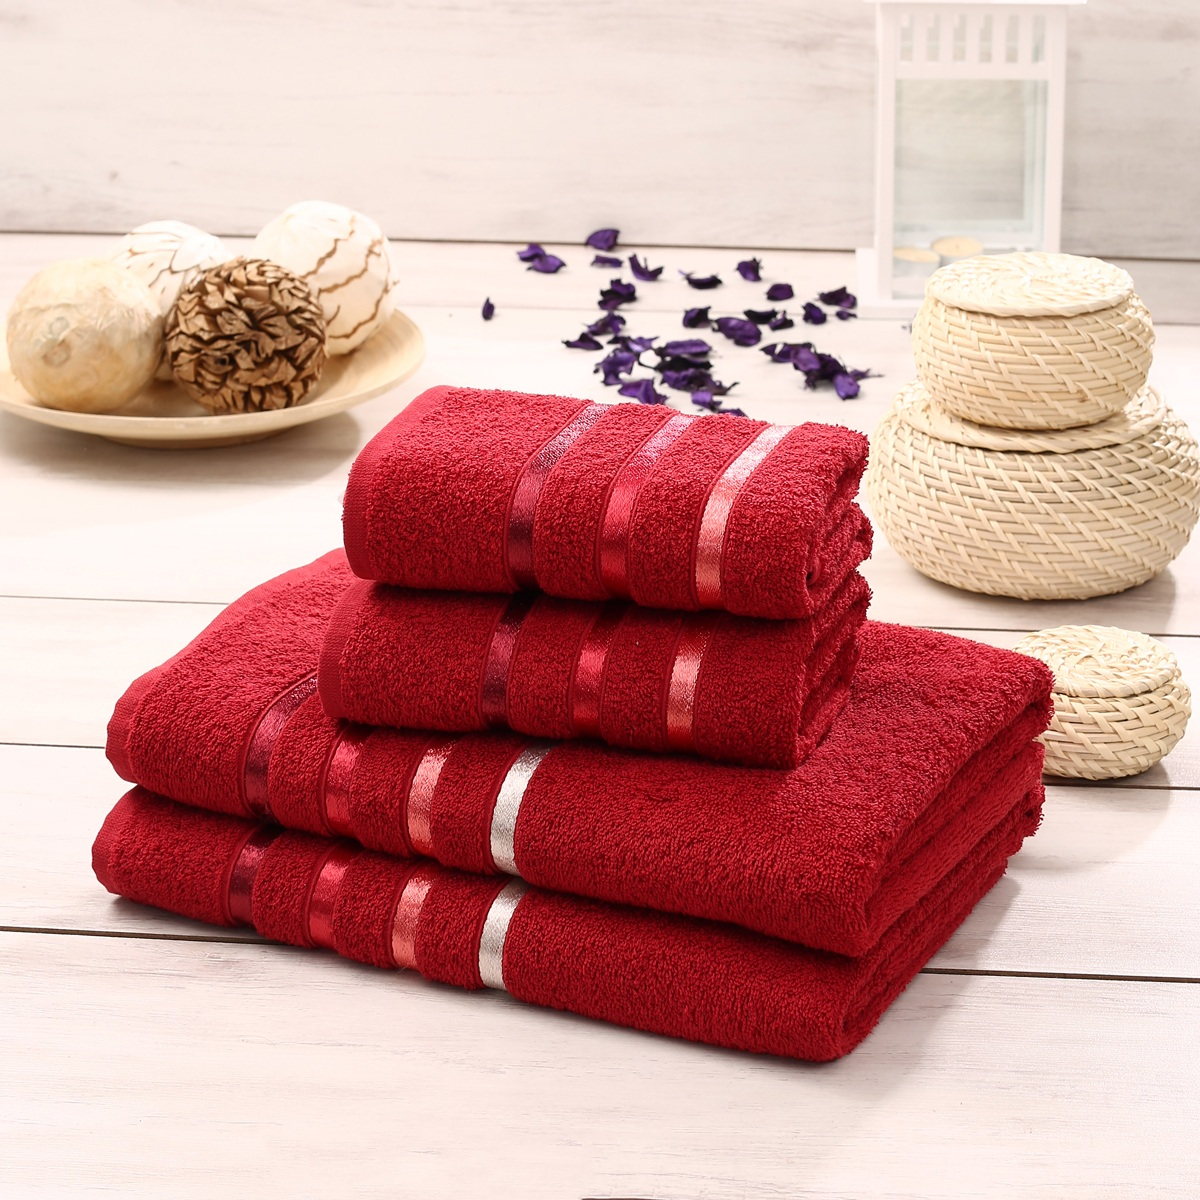 Набор махровых полотенец Karna Bale, цвет: красный, 4 шт. 953/CHAR023953/CHAR023Набор Karna Bale включает 2 полотенца для лица, рук и 2 банных полотенца. Изделия выполнены из высококачественного хлопка с отделкой в виде полос. Каждое полотенце отличается нежностью и мягкостью материала, утонченным дизайном и превосходным качеством. Они прекрасно впитывают влагу, быстро сохнут и не теряют своих свойств после многократных стирок. Такой набор создаст в вашей ванной царственное великолепие и подарит чувство ослепительного торжества. А также станет приятным подарком для ваших близких или друзей. Набор украшен текстильной лентой. Размер:50 x 80 см - 2шт. и 70 x 140 см - 2 шт.